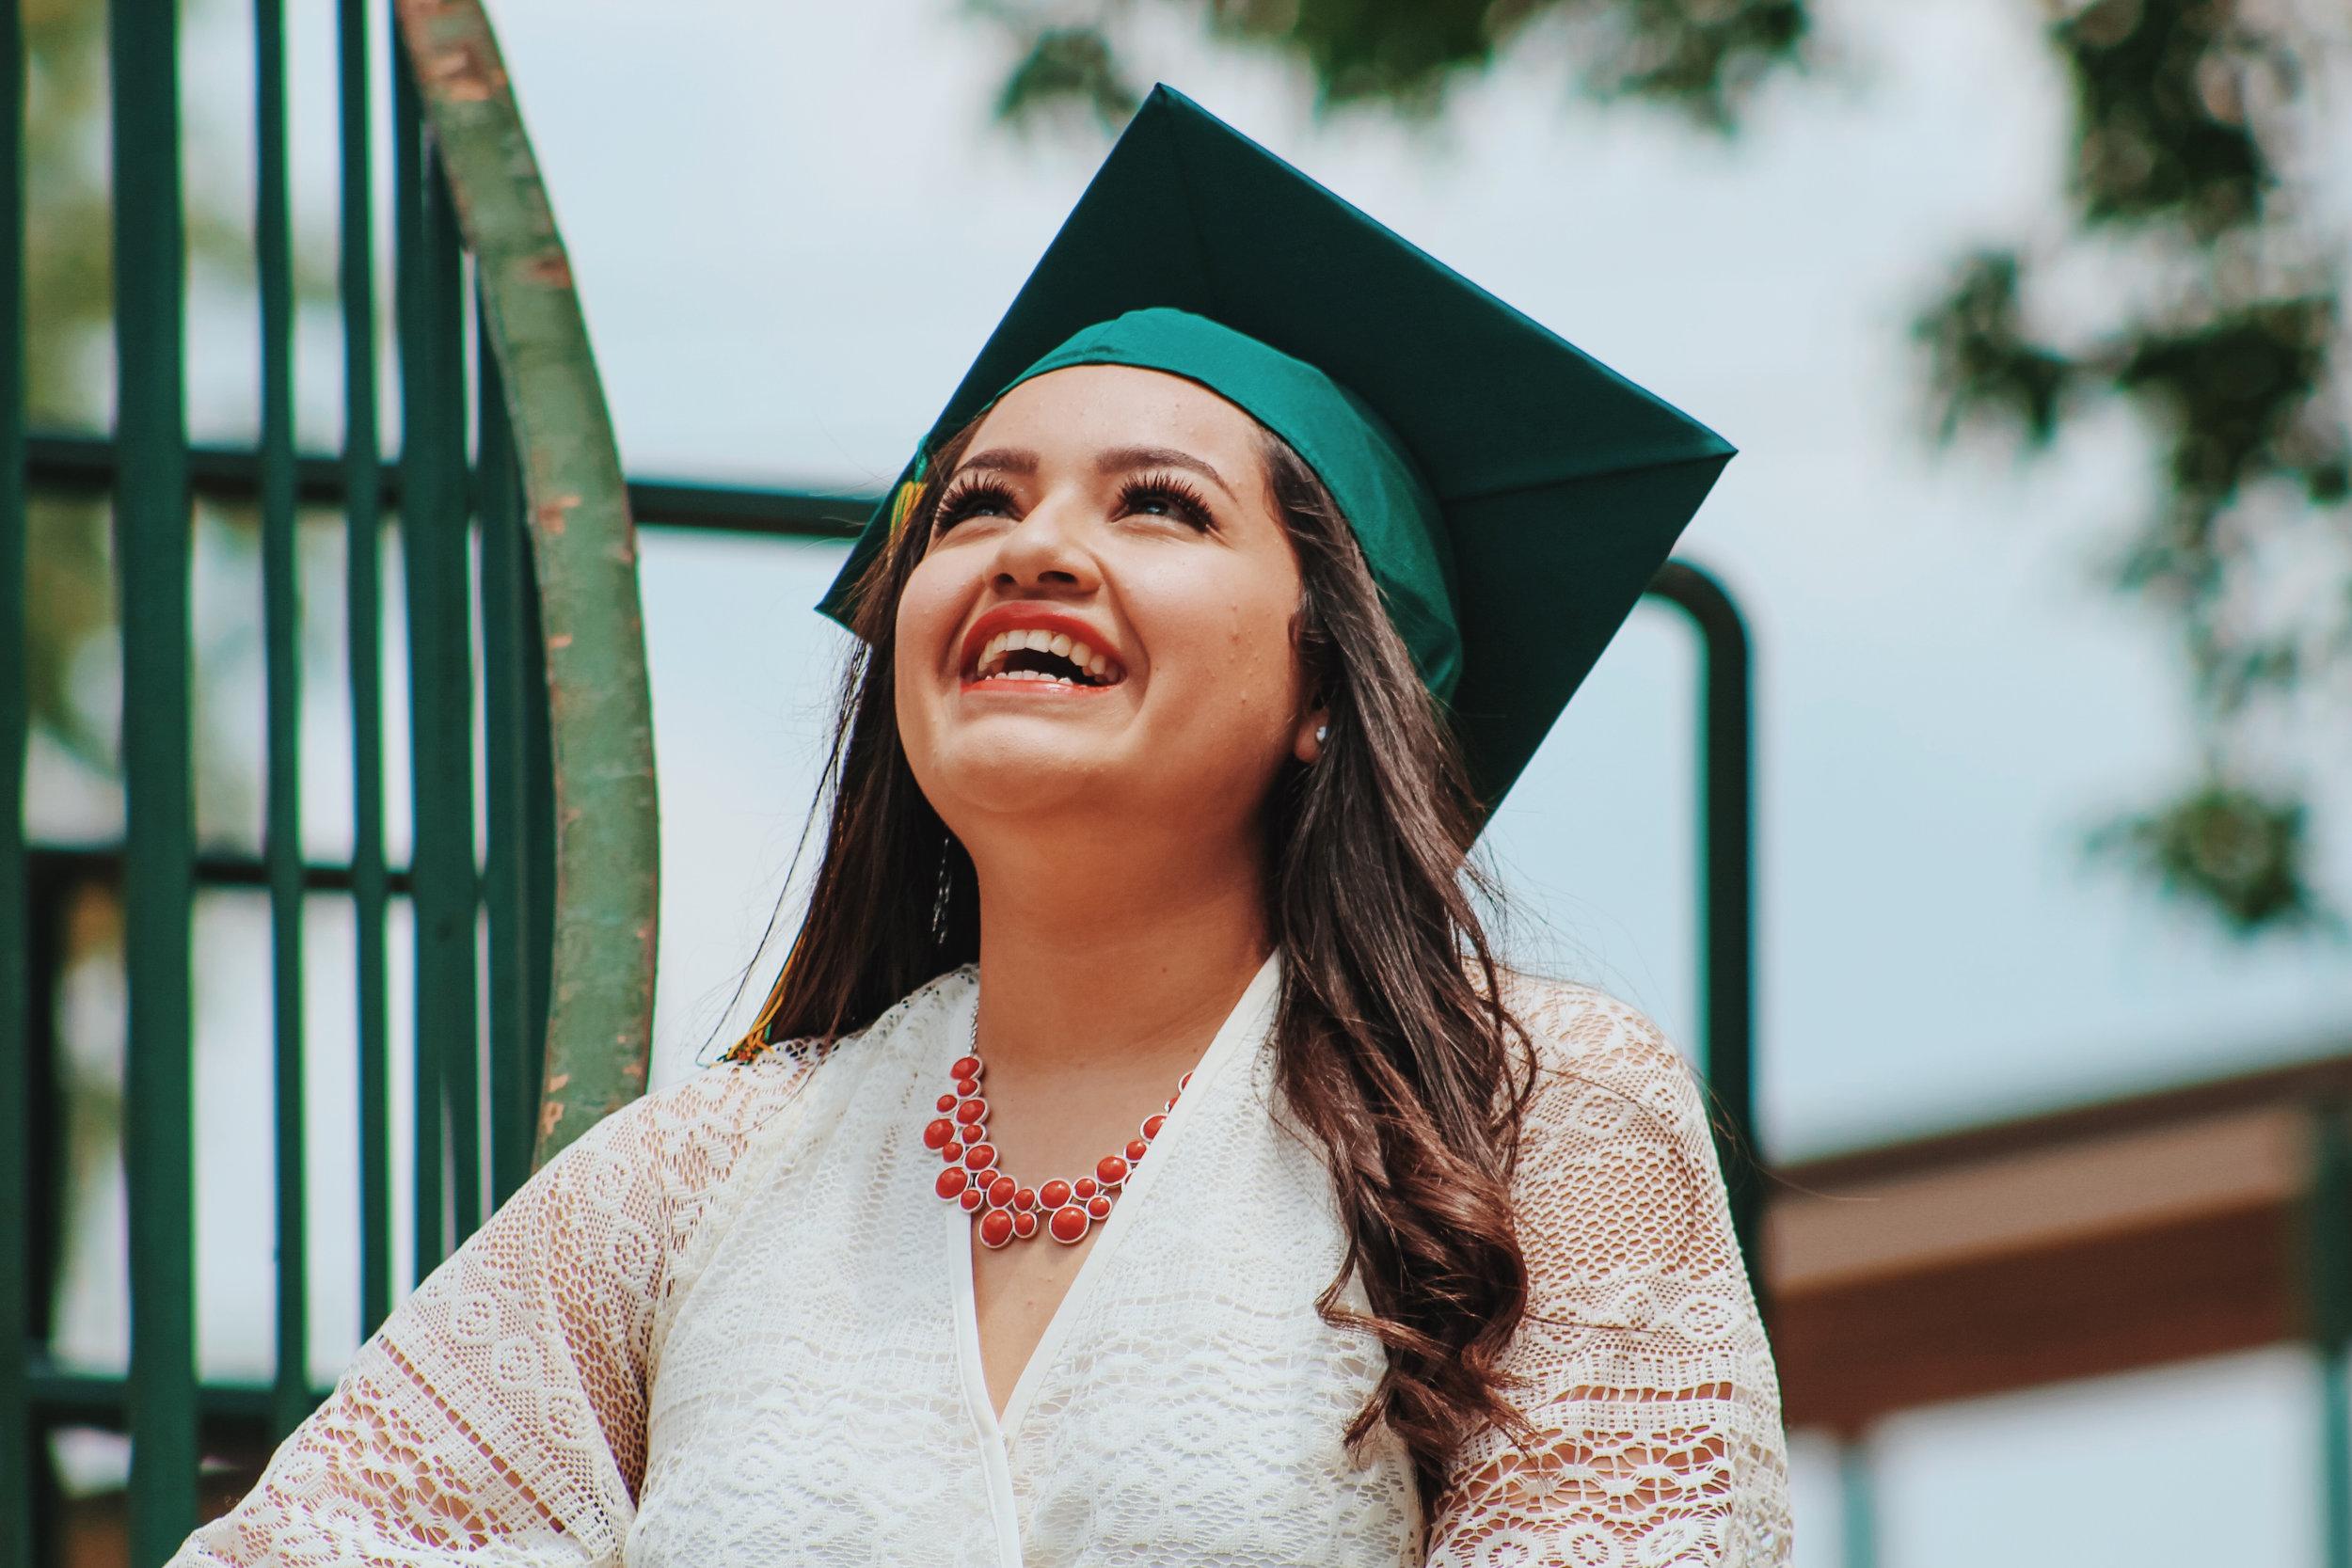 Gradúese con un diploma de   ESTUDIOS BÍBLICOS   ¡Disfrute de 24 cursos dinámicos!   Regístrese aquí